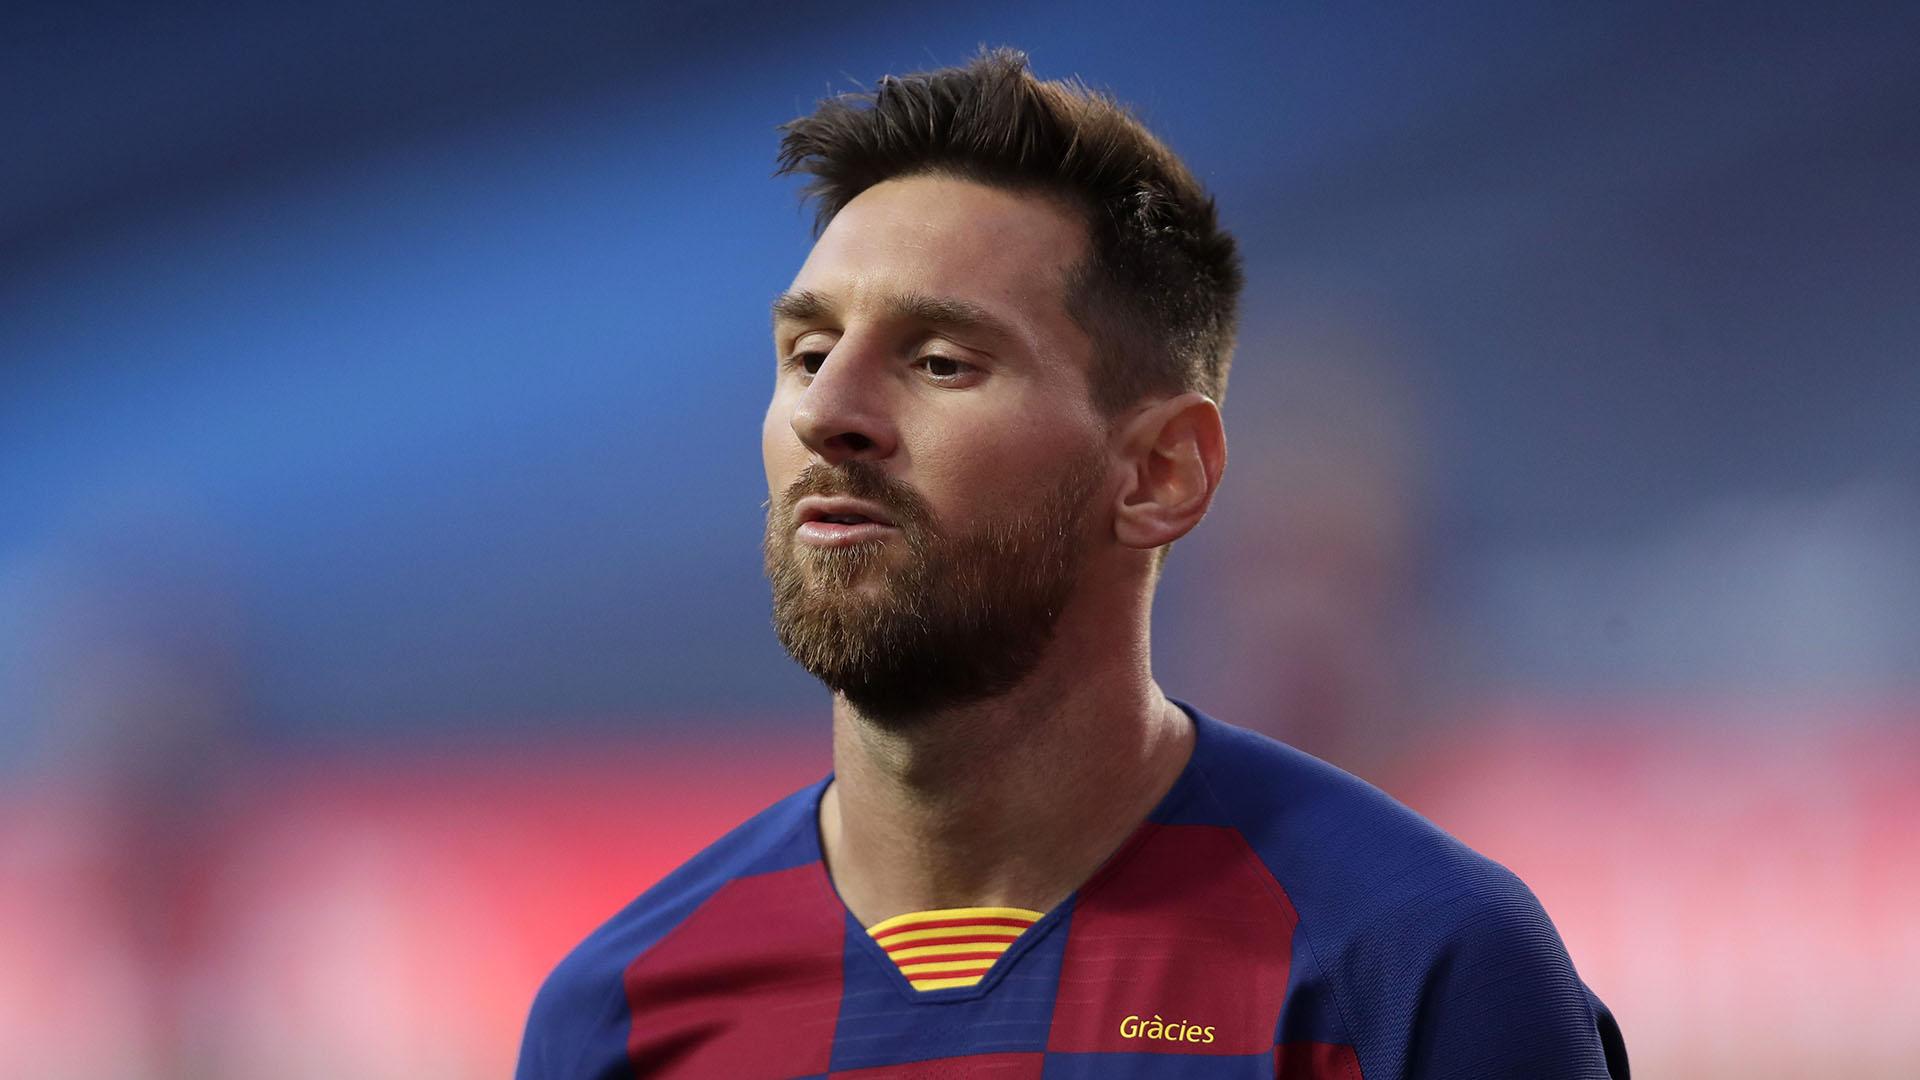 Messi's Barcelona heartbreak revealed after 'brutal' transfer saga